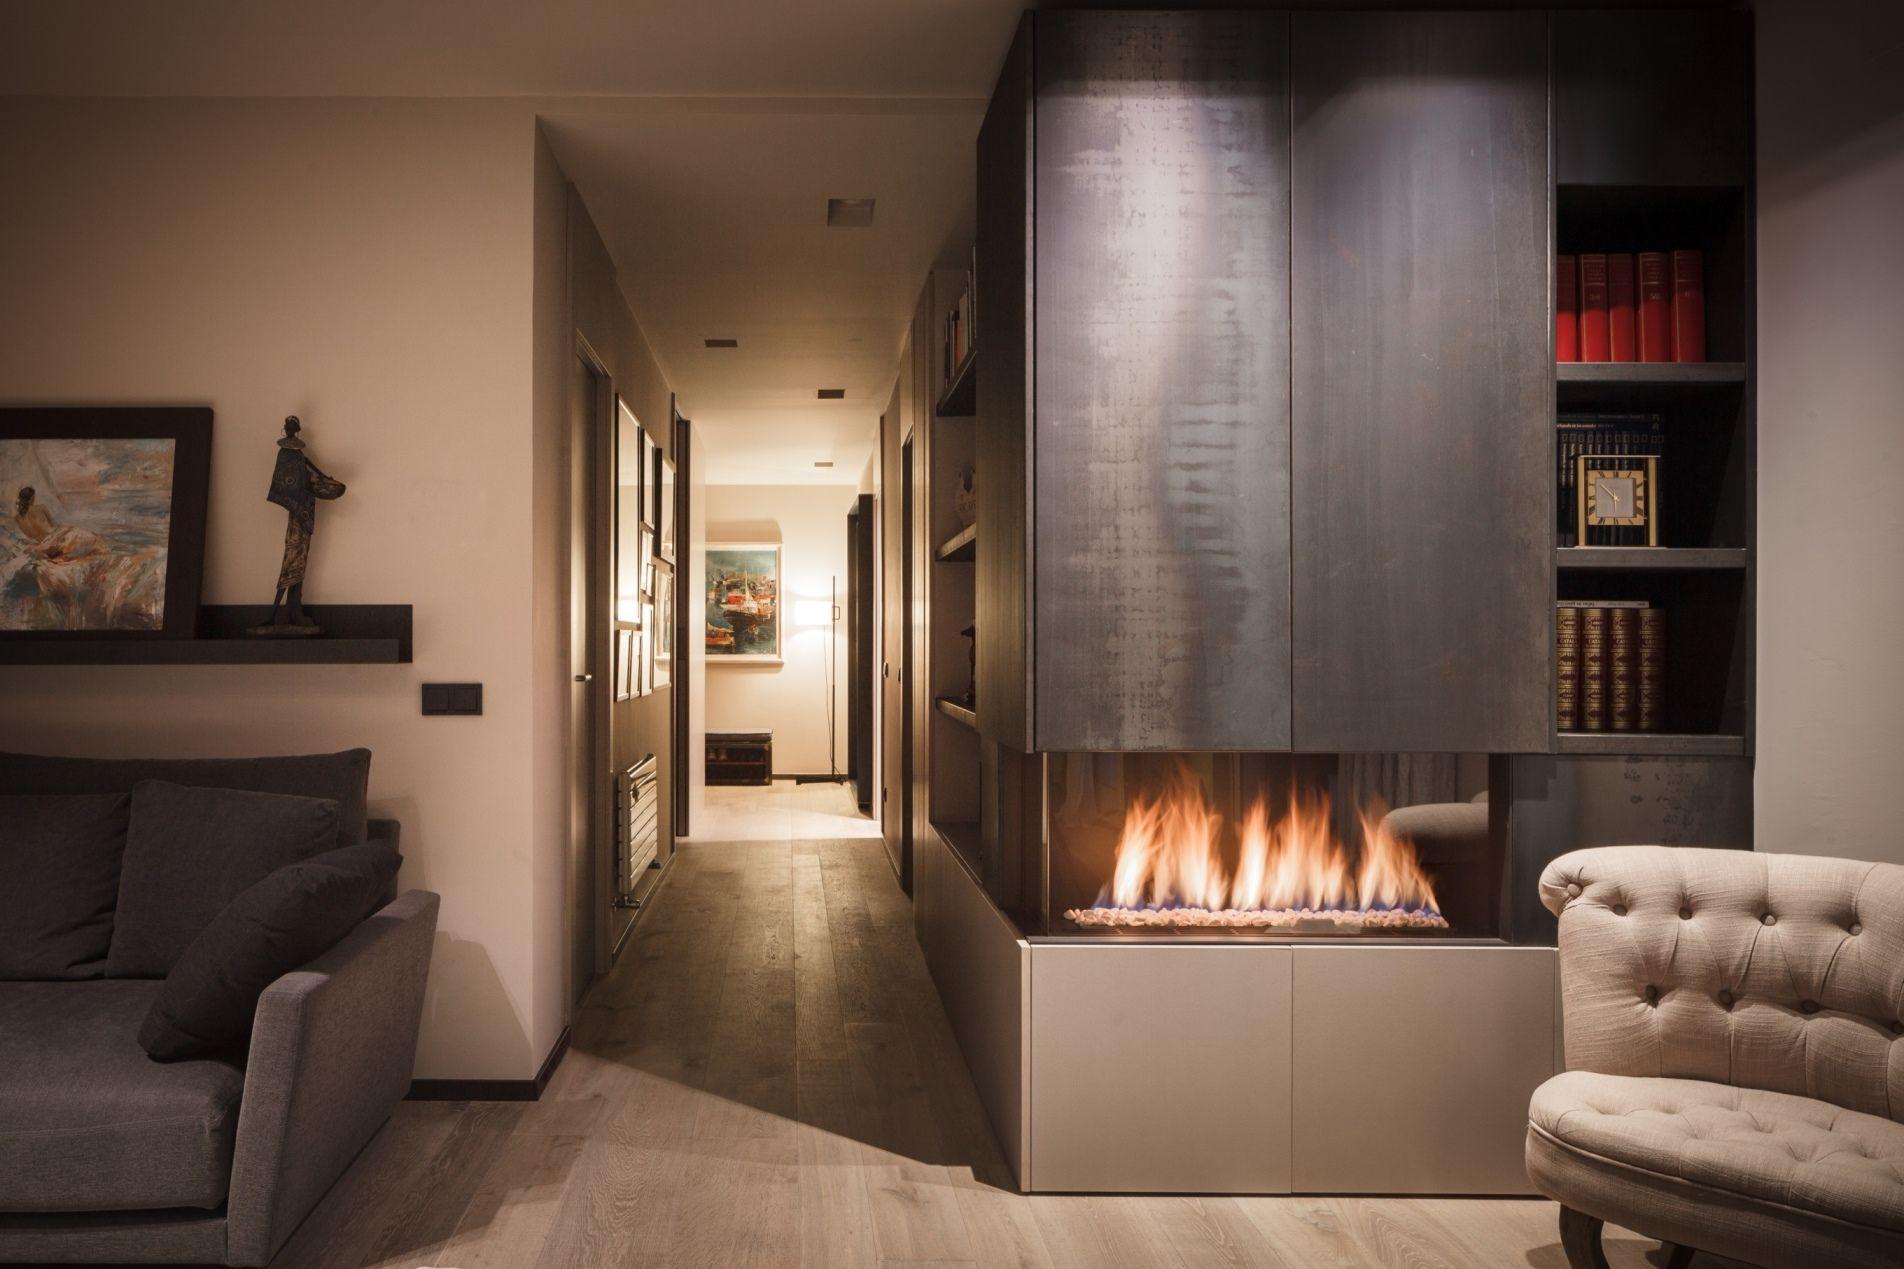 La chimenea de gas decoraci n y funcionalidad en un mismo - Chimeneas barcelona ...